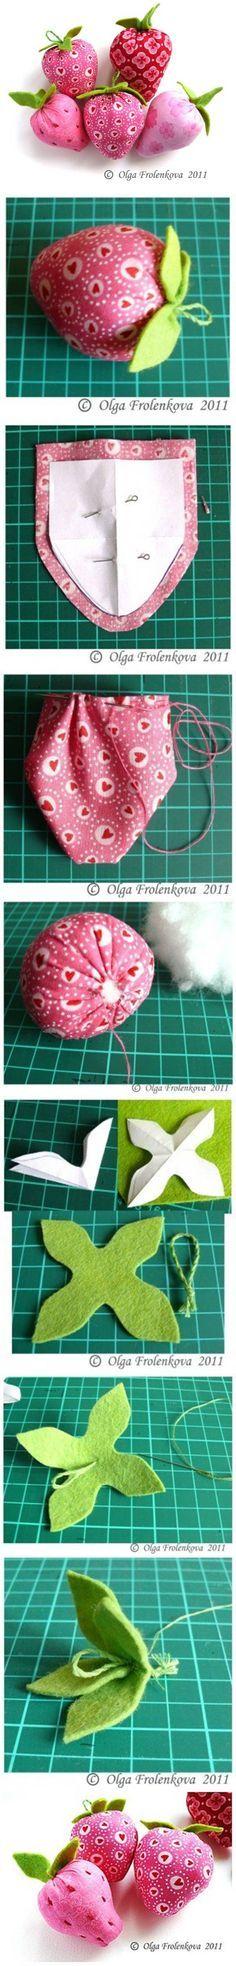 DIY Sew Fabric Strawberry DIY Projects | UsefulDIY.com